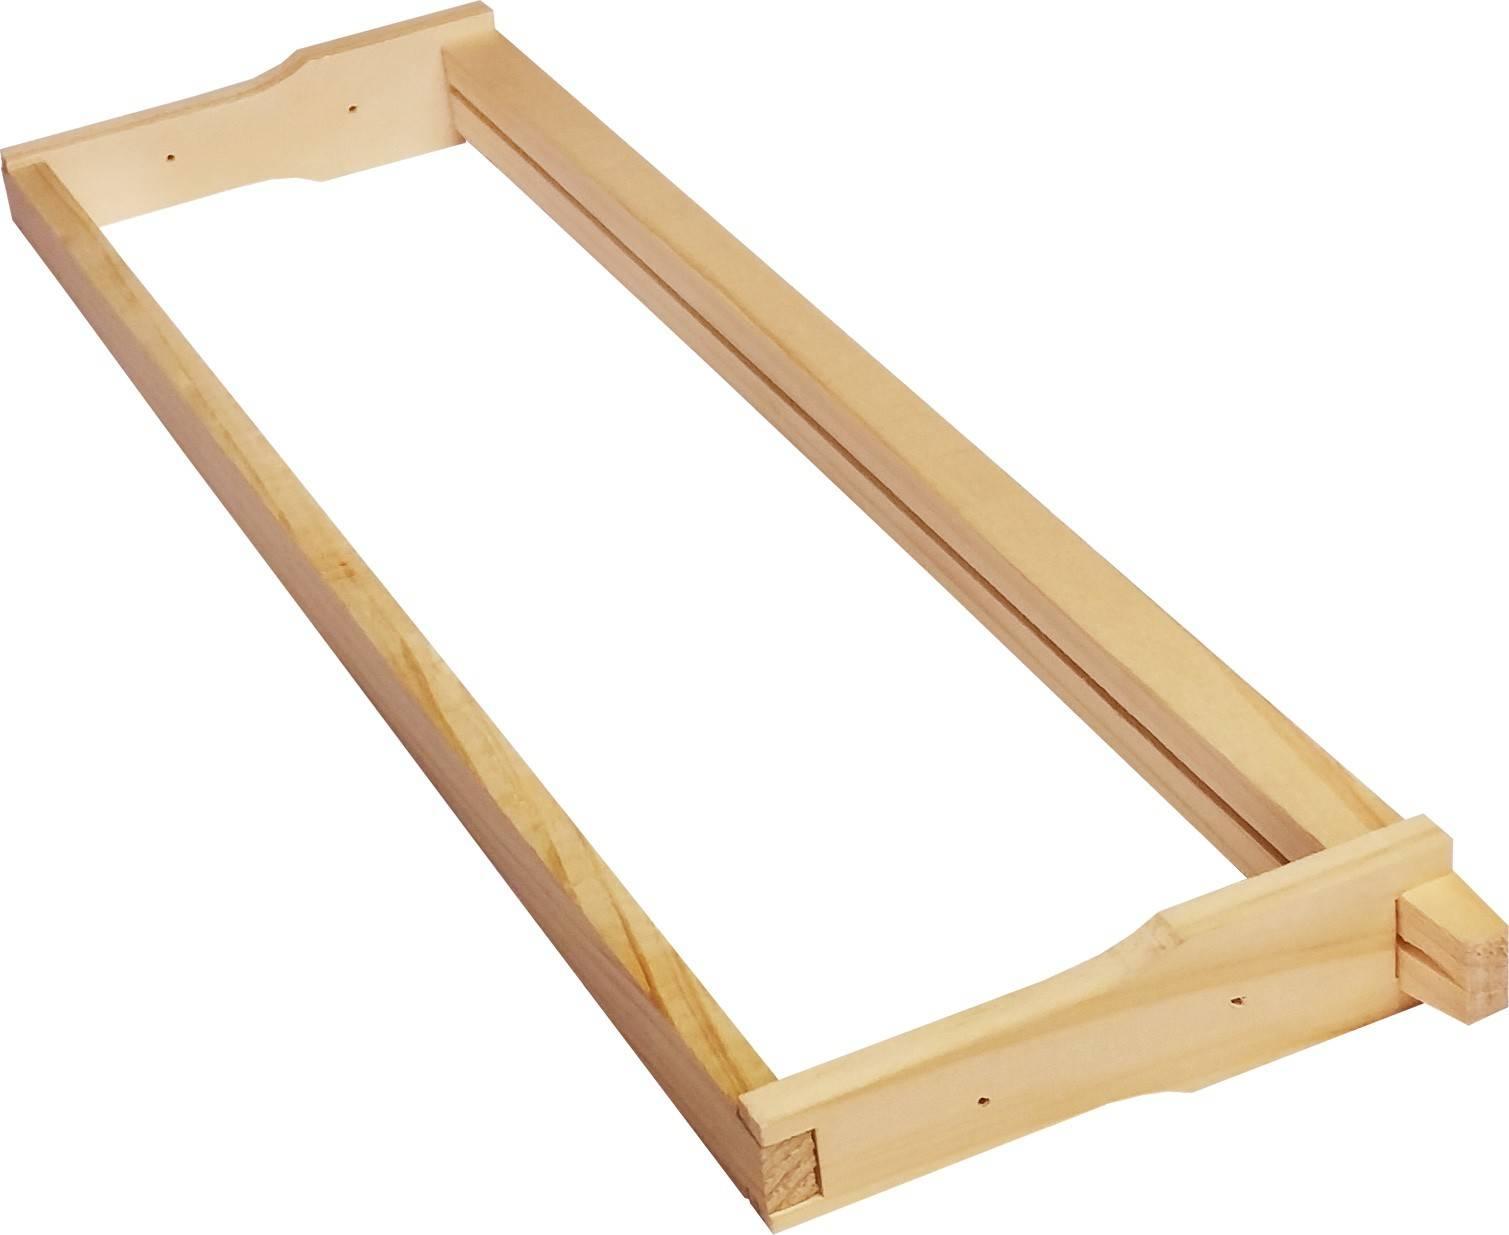 Alliance Ideal Depth Frames 1,000 Pack - 10mm Plain Bottom Bar